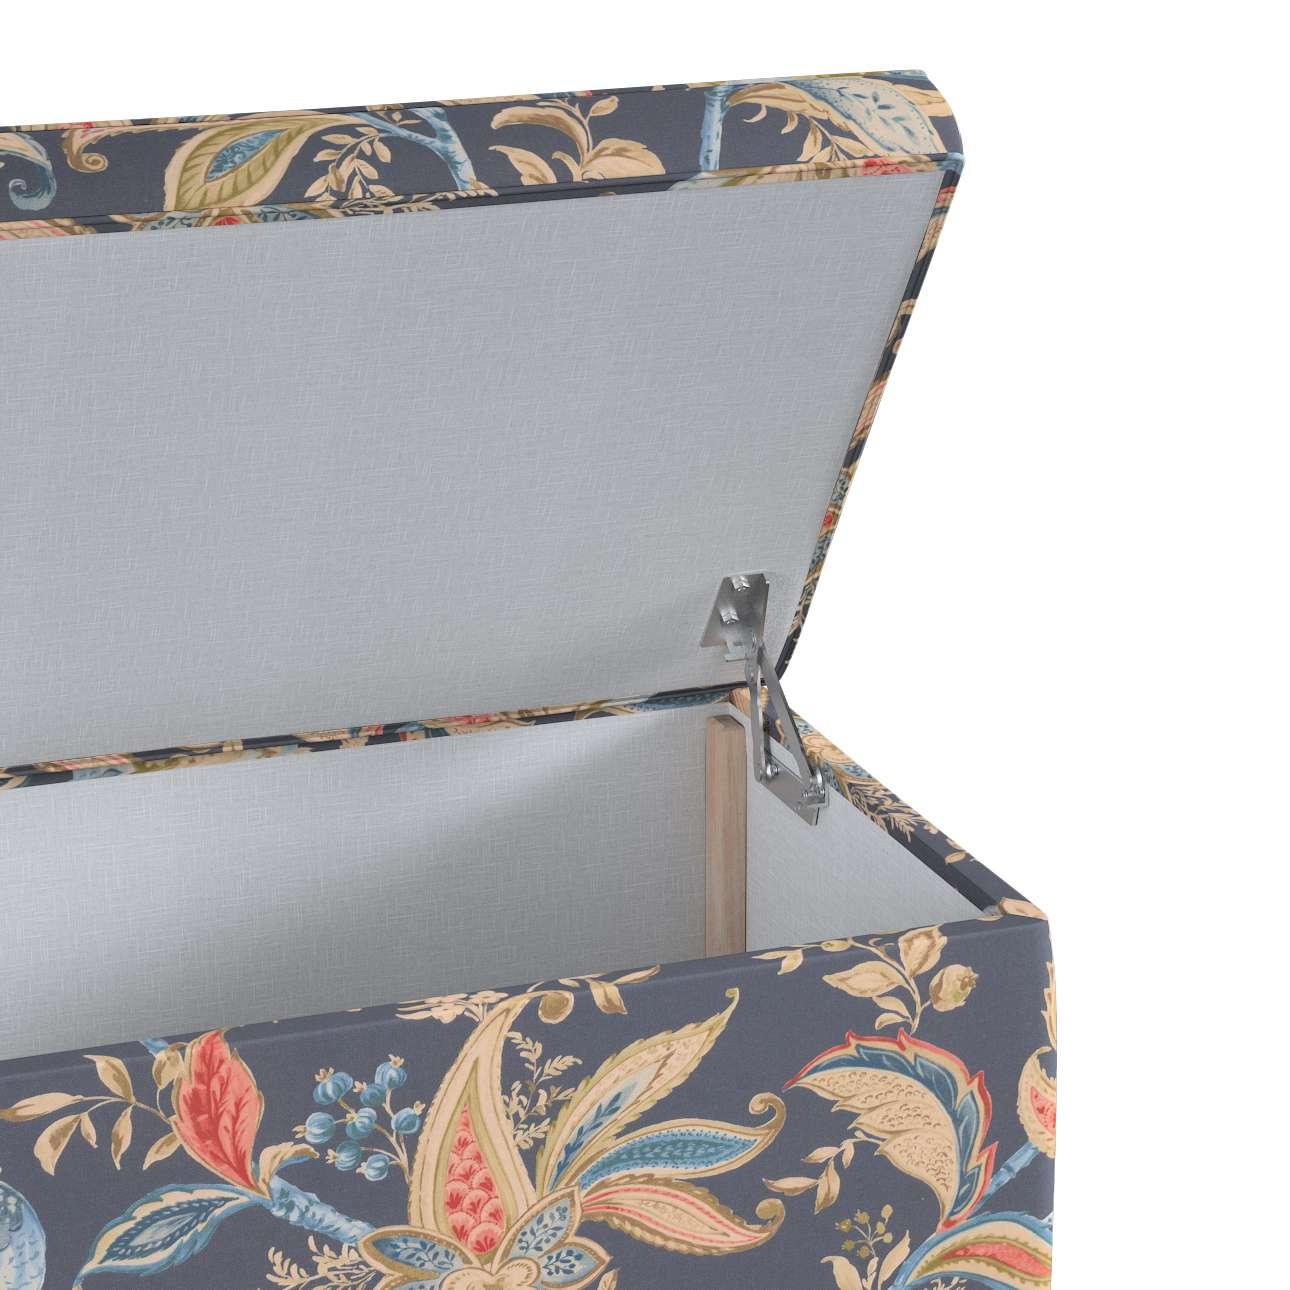 Truhlica čalúnená V kolekcii Gardenia, tkanina: 142-19